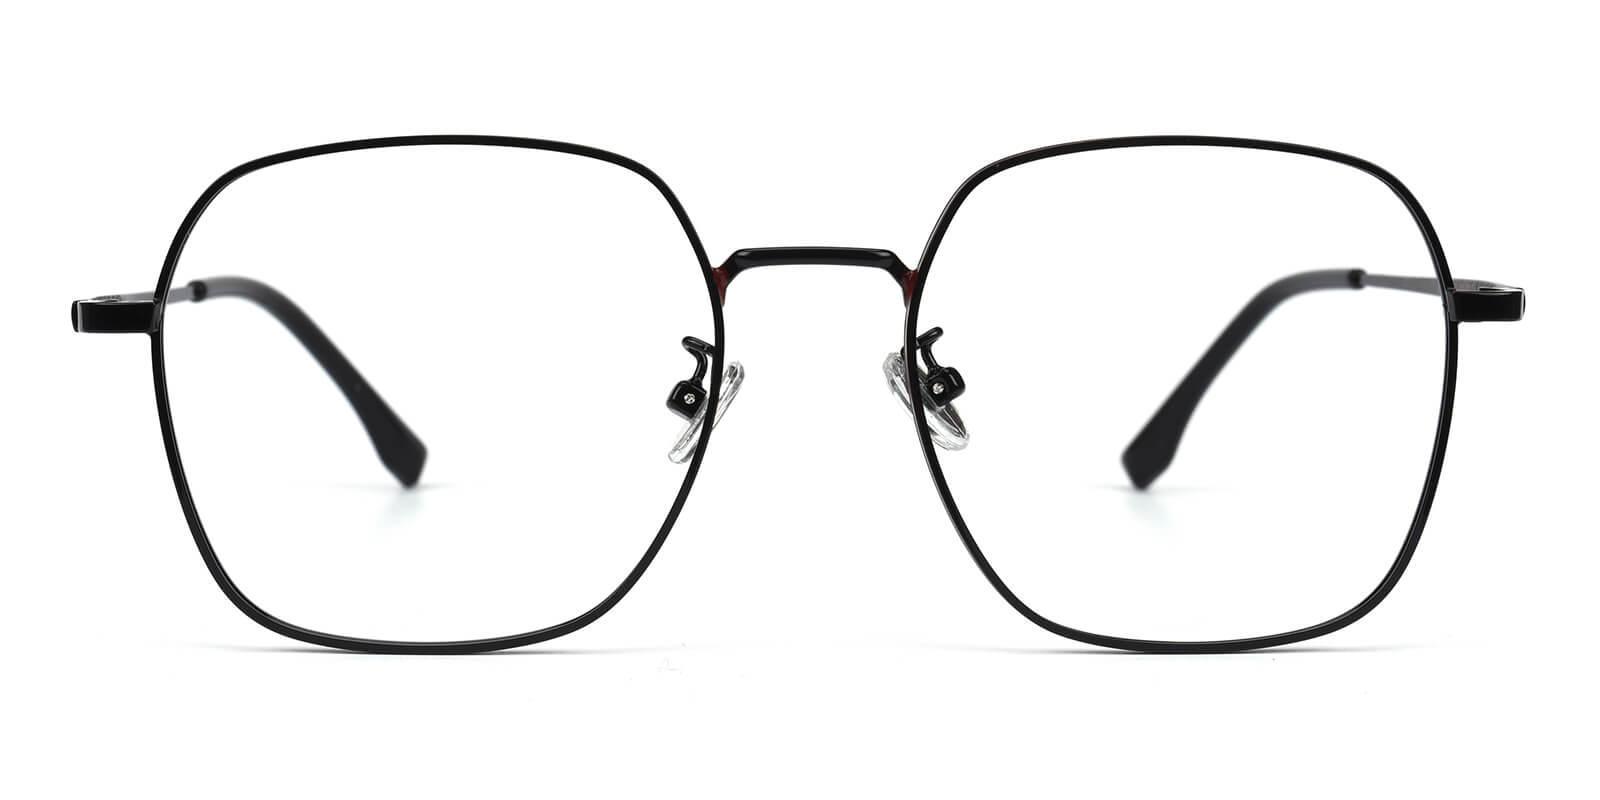 Vincoy-Black-Square-Metal-Eyeglasses-additional2